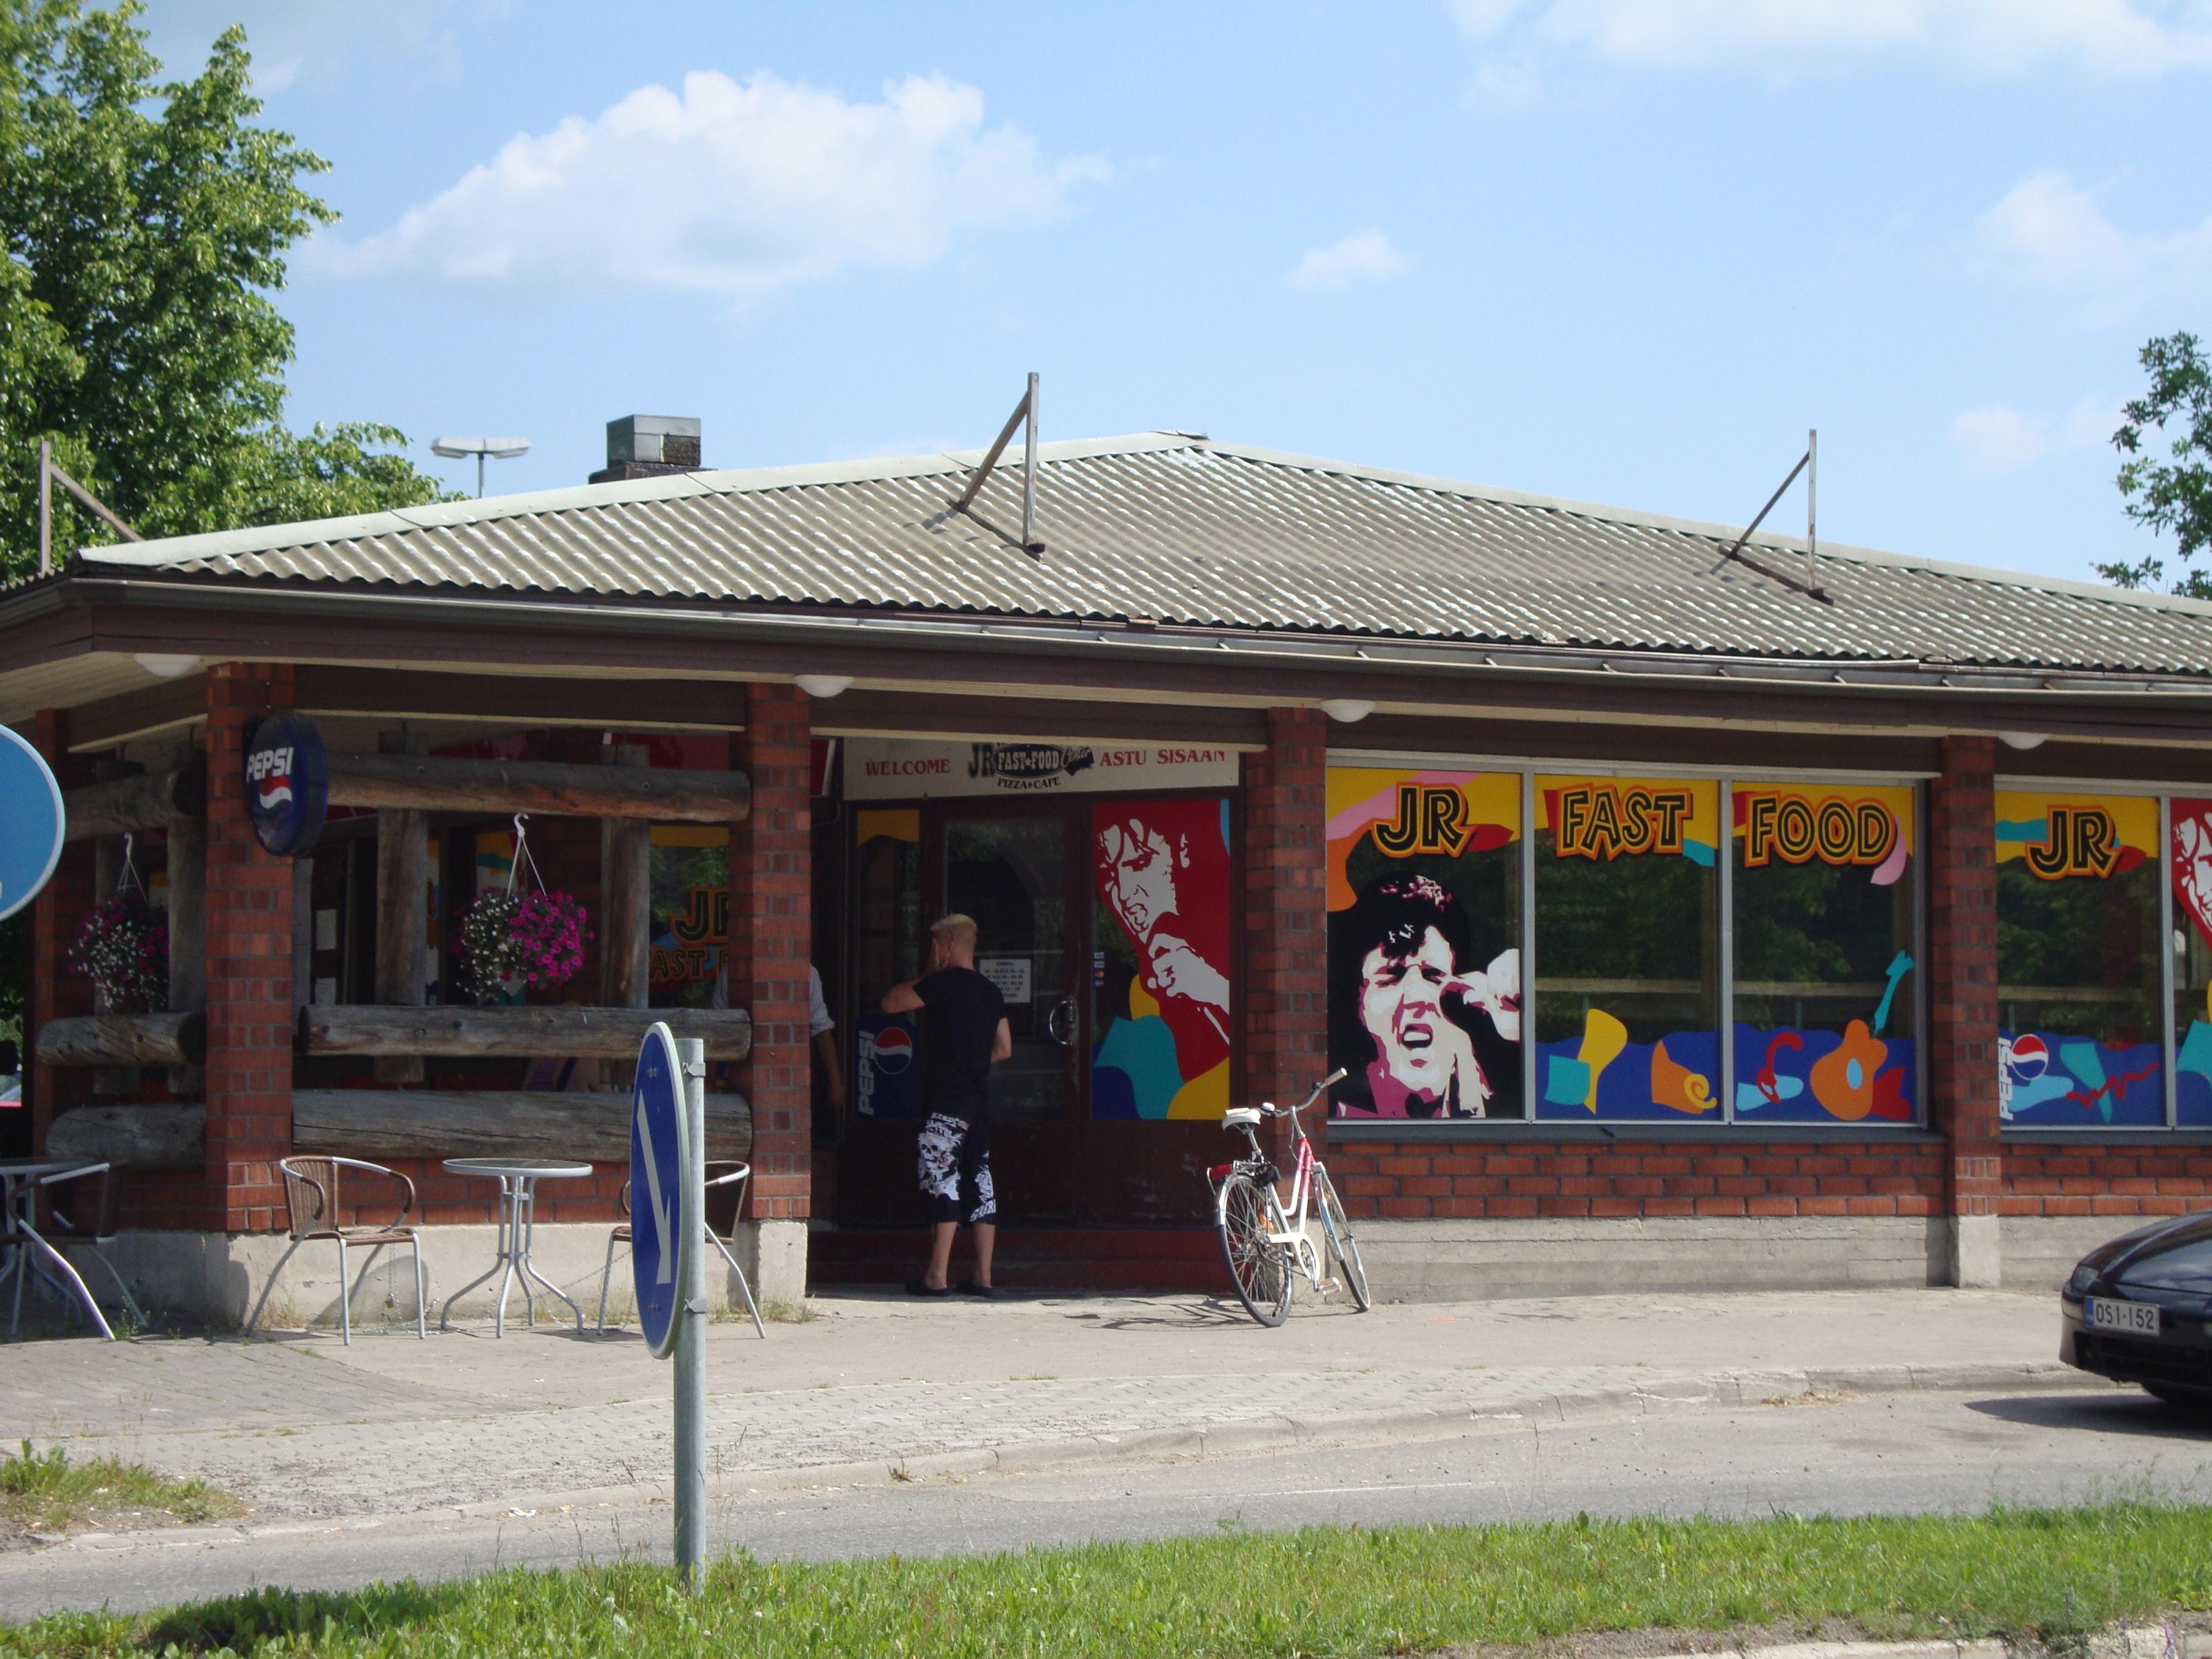 Jr Fast Food